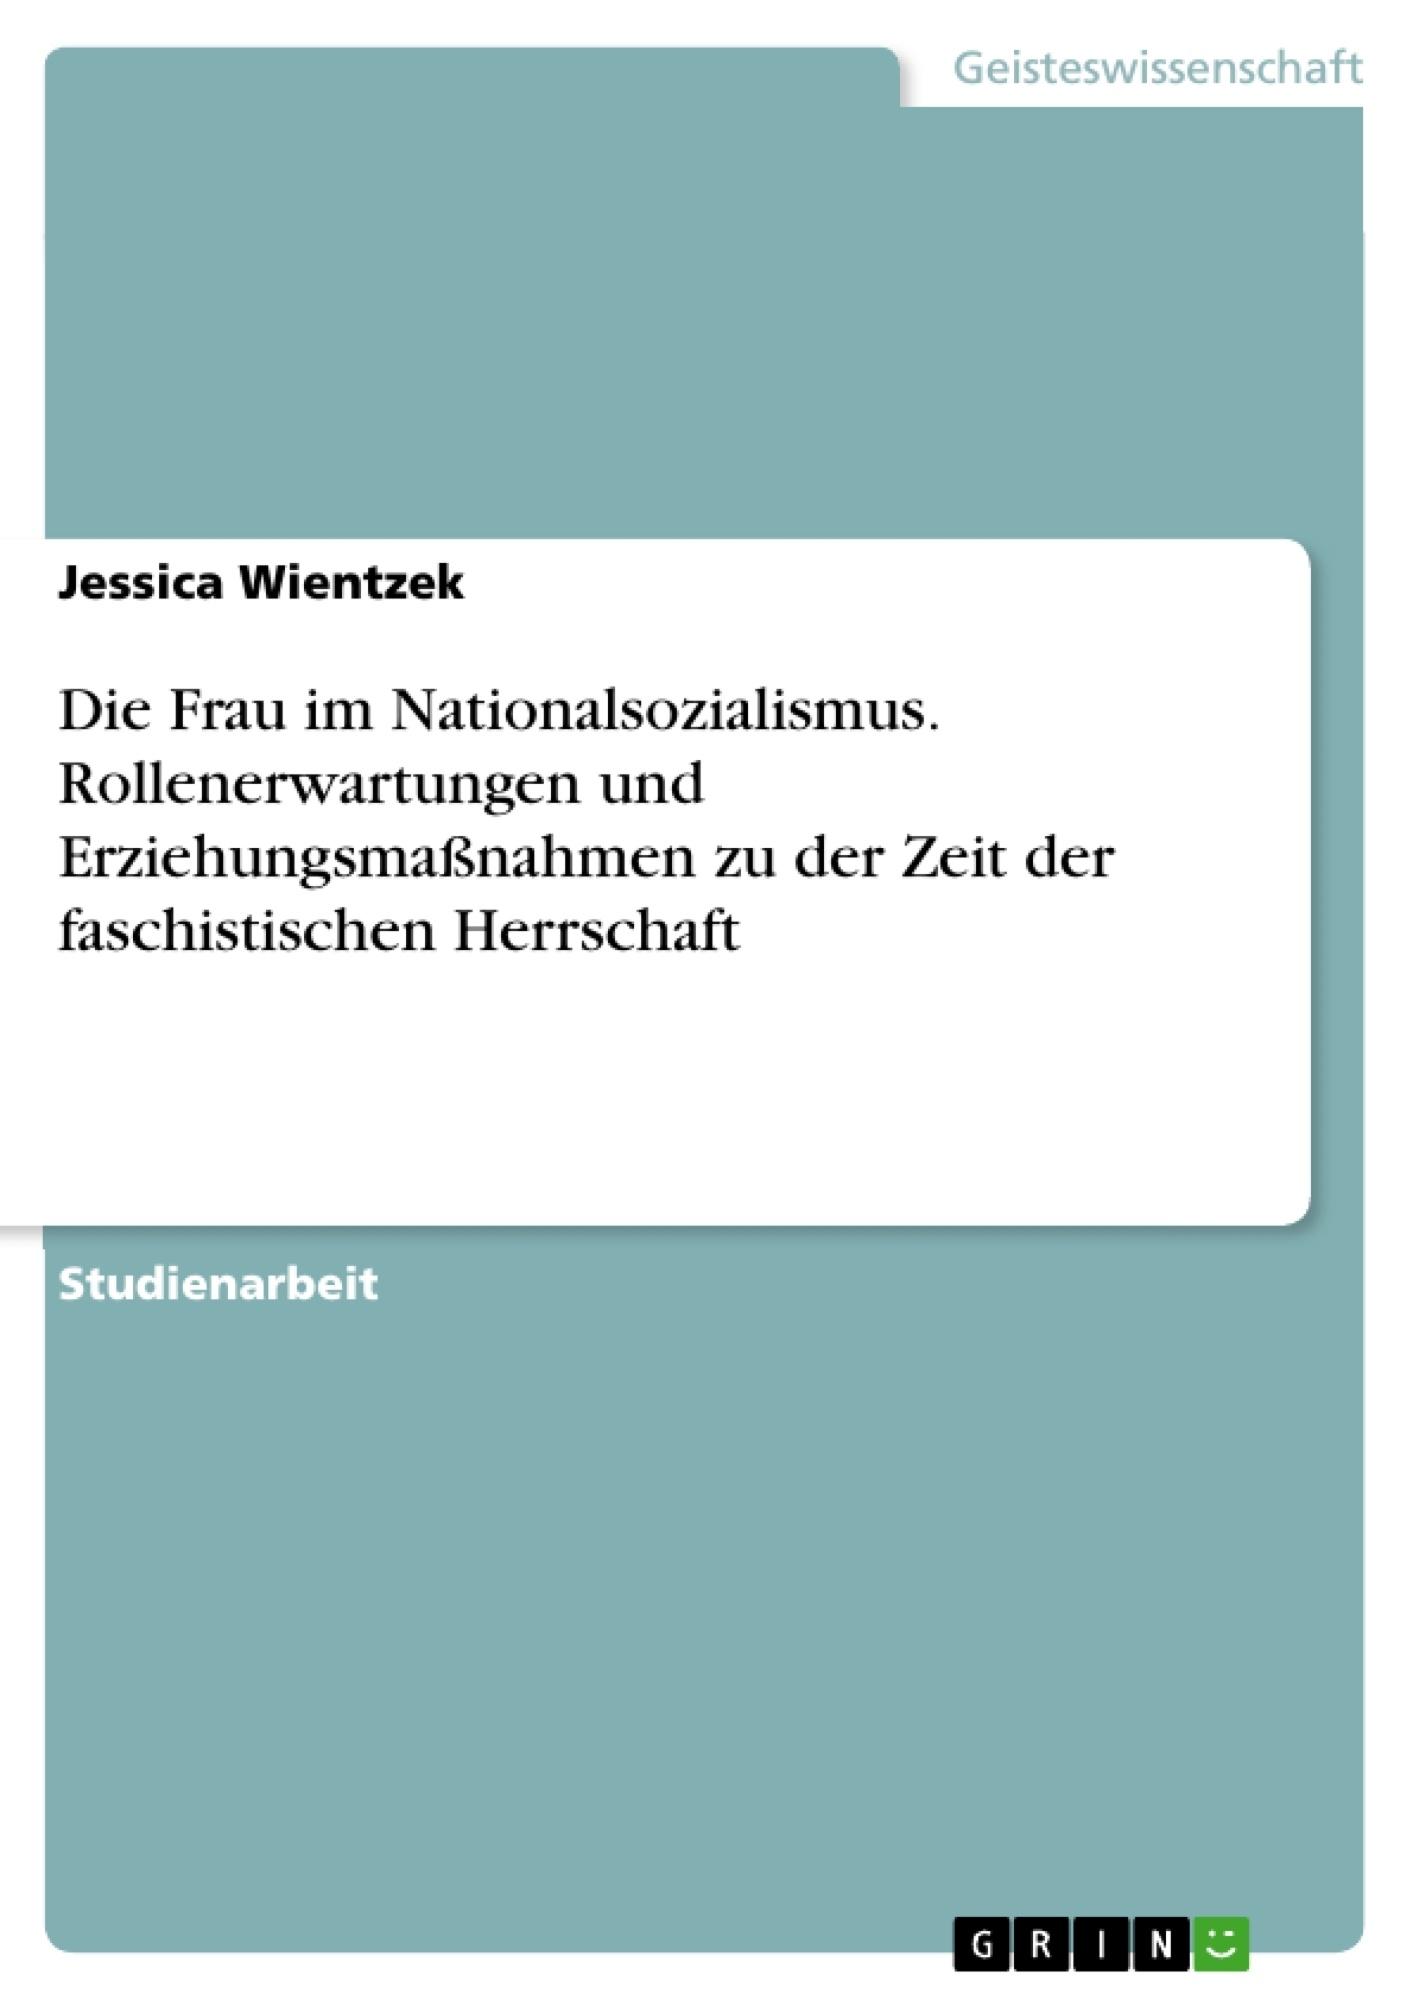 Titel: Die Frau im Nationalsozialismus. Rollenerwartungen und Erziehungsmaßnahmen zu der Zeit der faschistischen Herrschaft